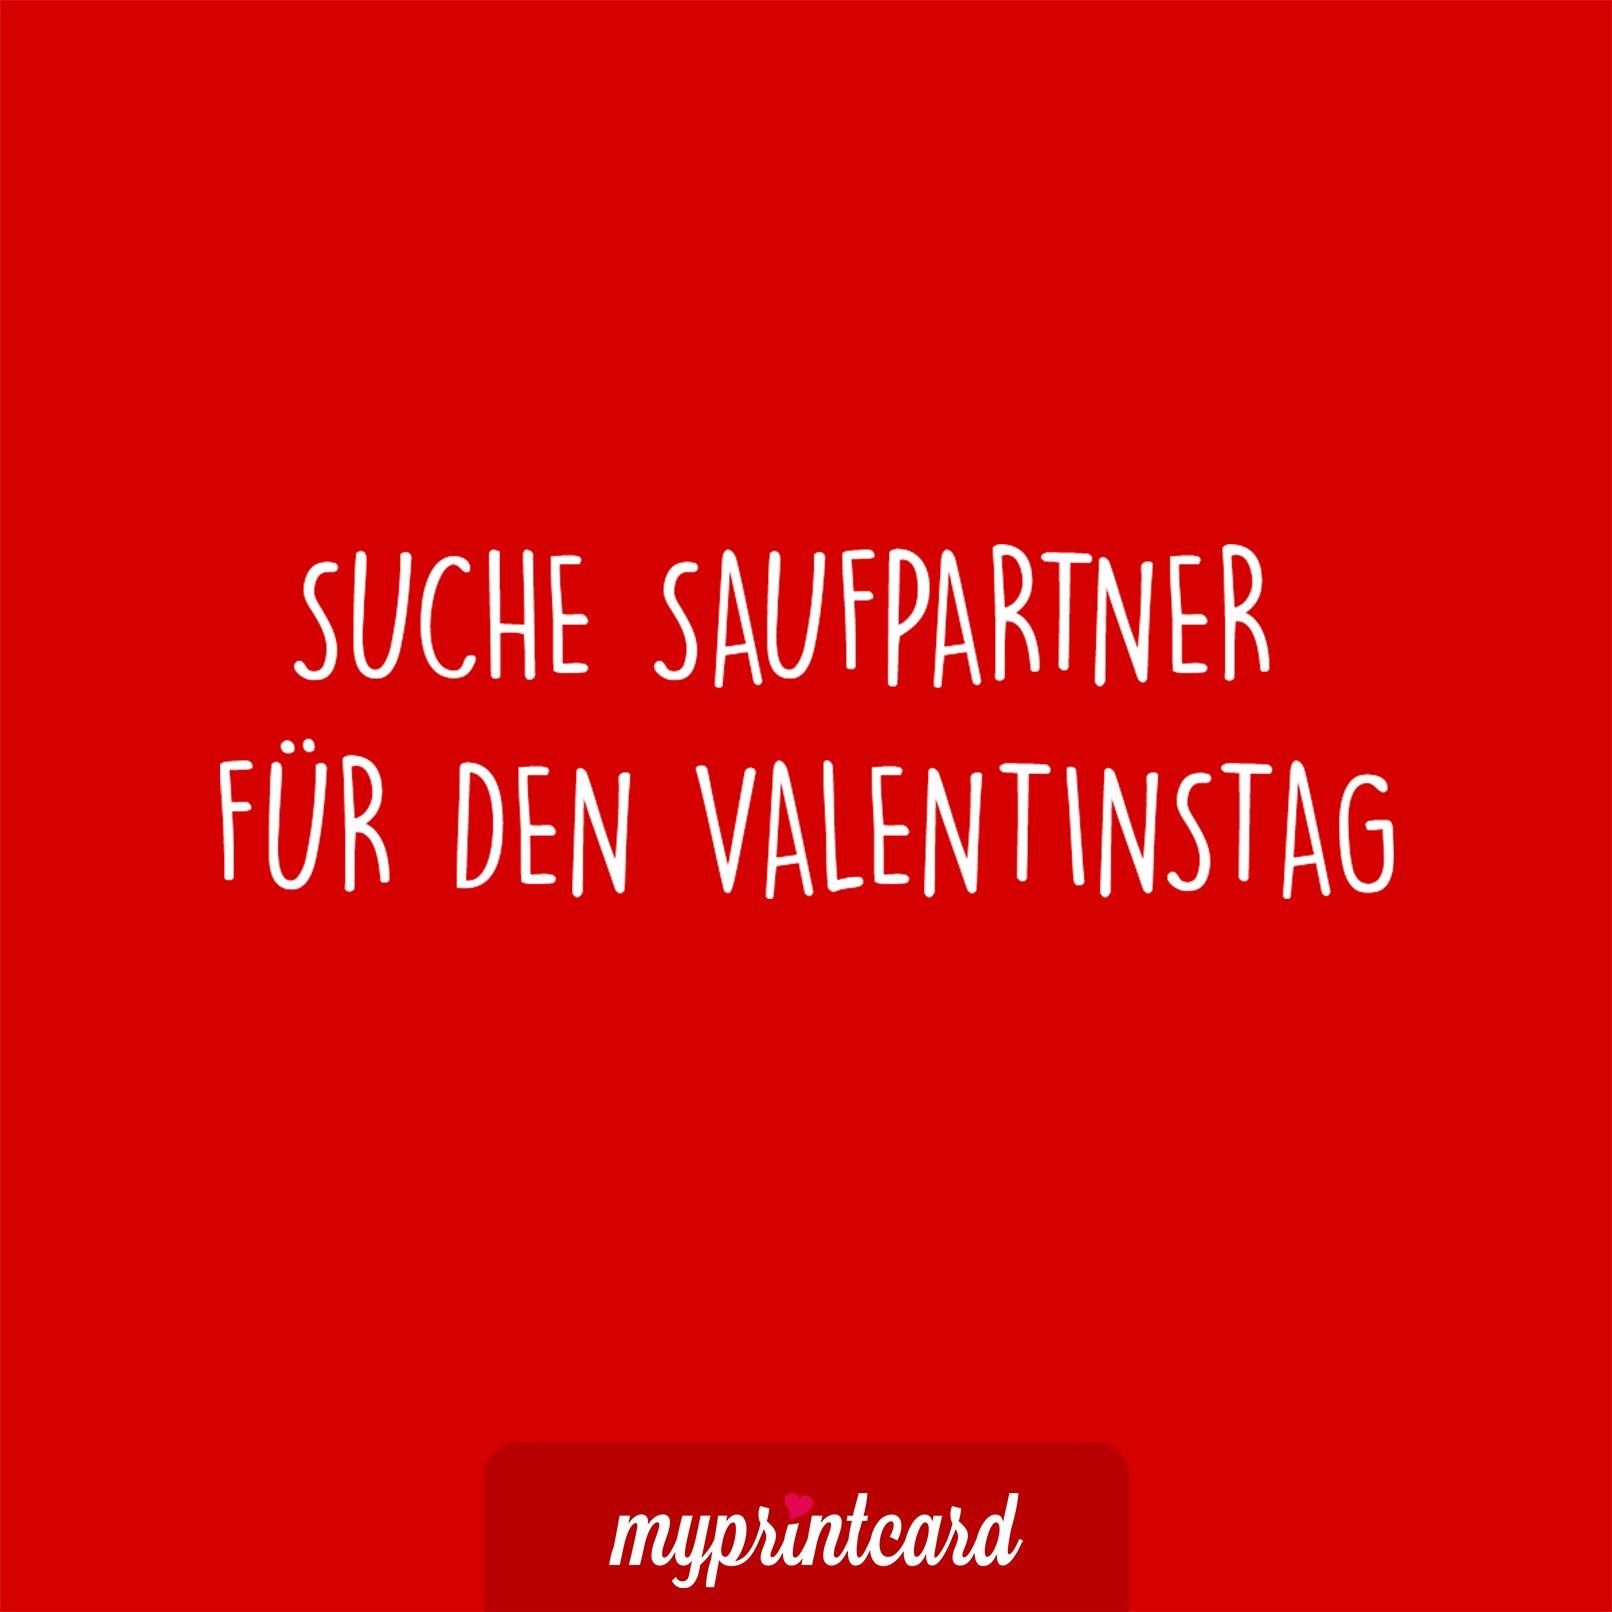 Suche Saufpartner Zum Valentinstag.